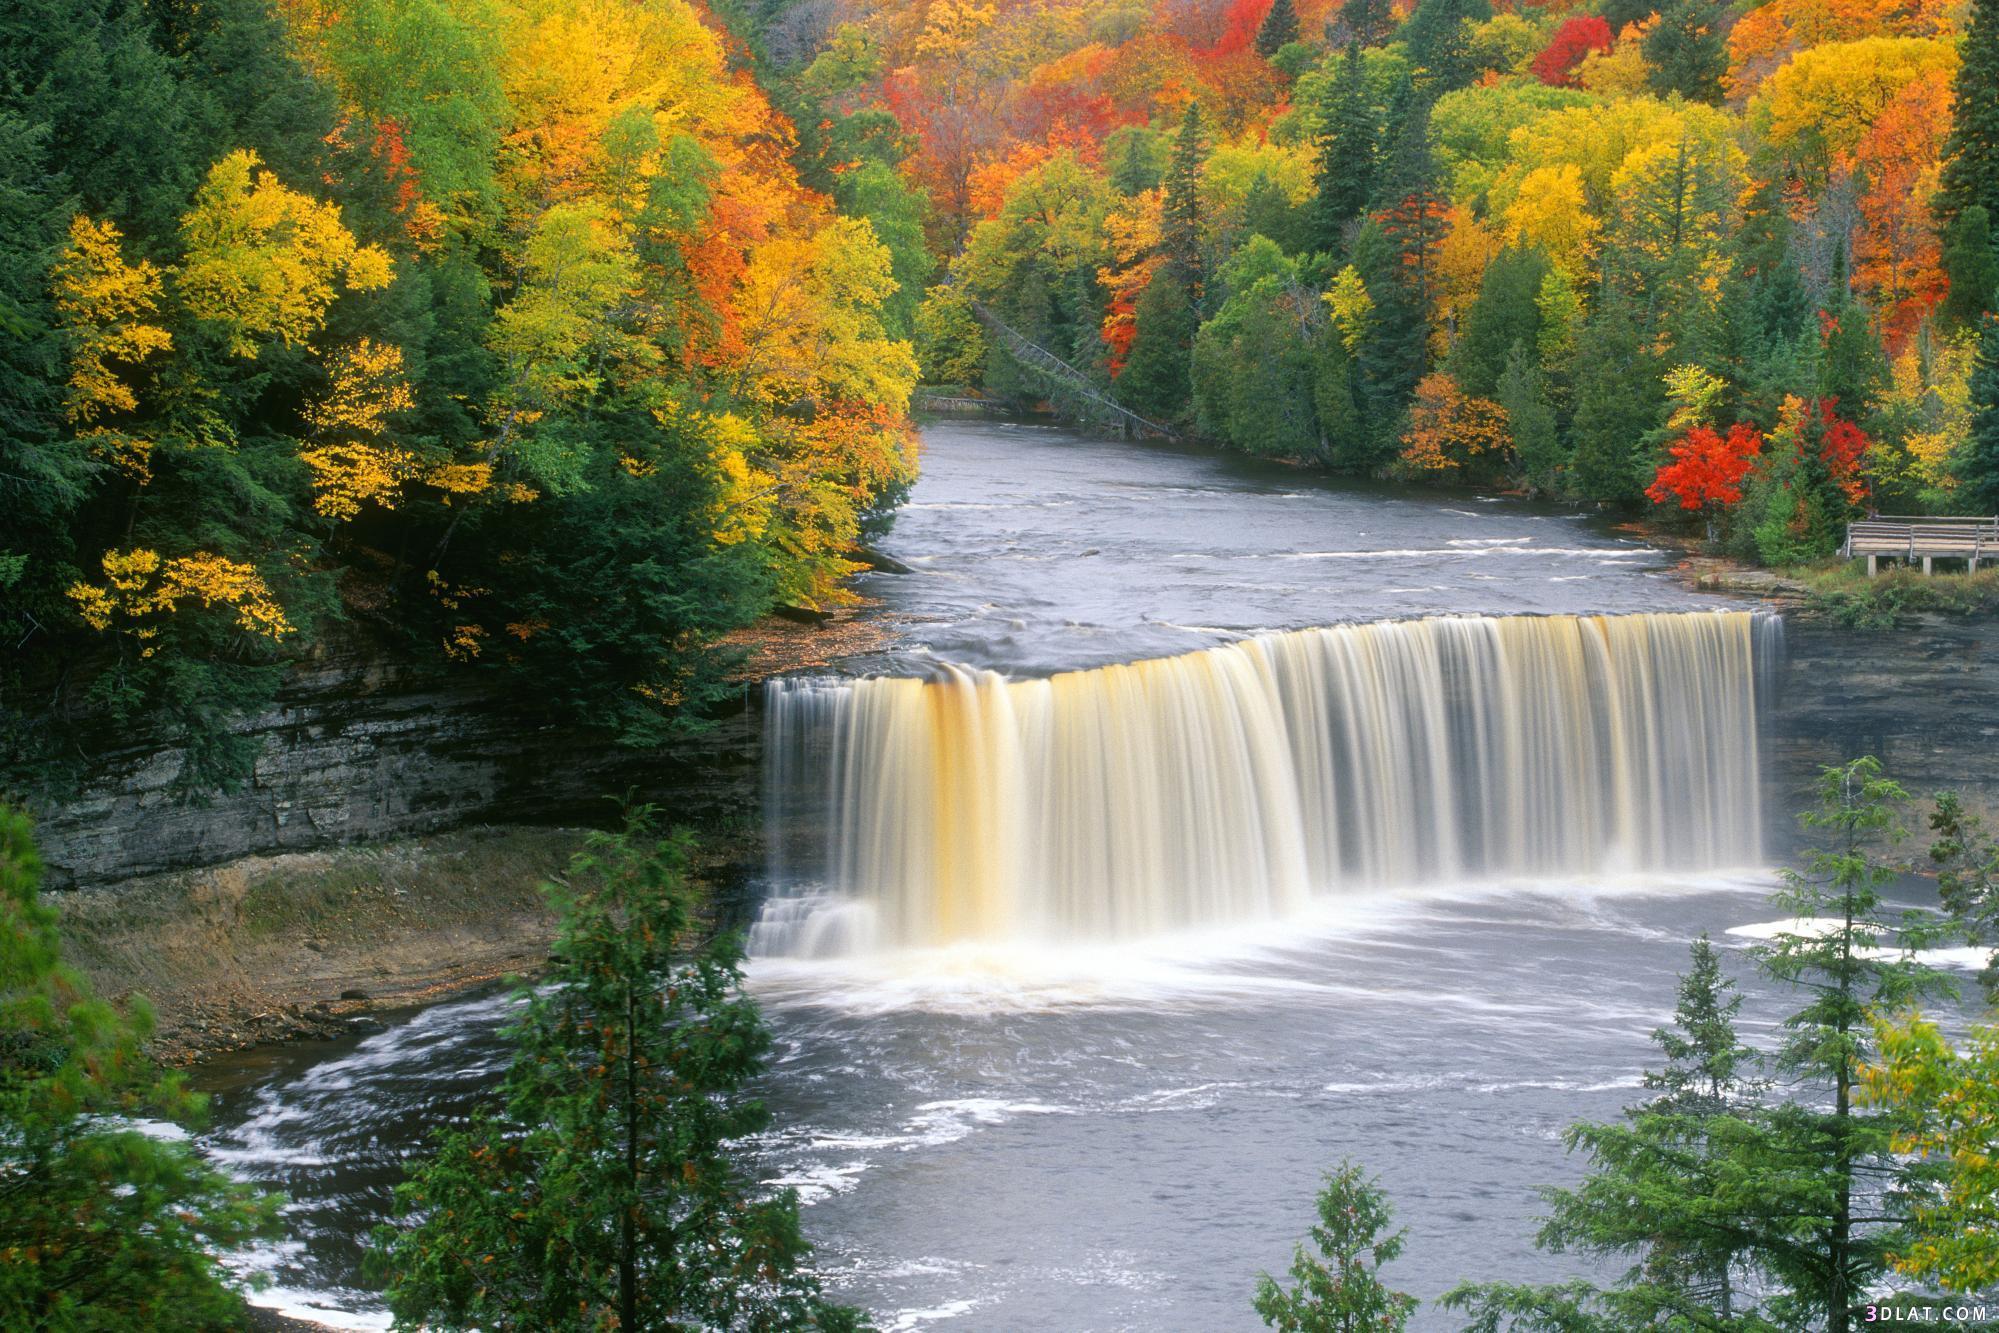 بالصور صور جمال الطبيعة , اجمل بوستات لروعة الطبيعة 5160 5